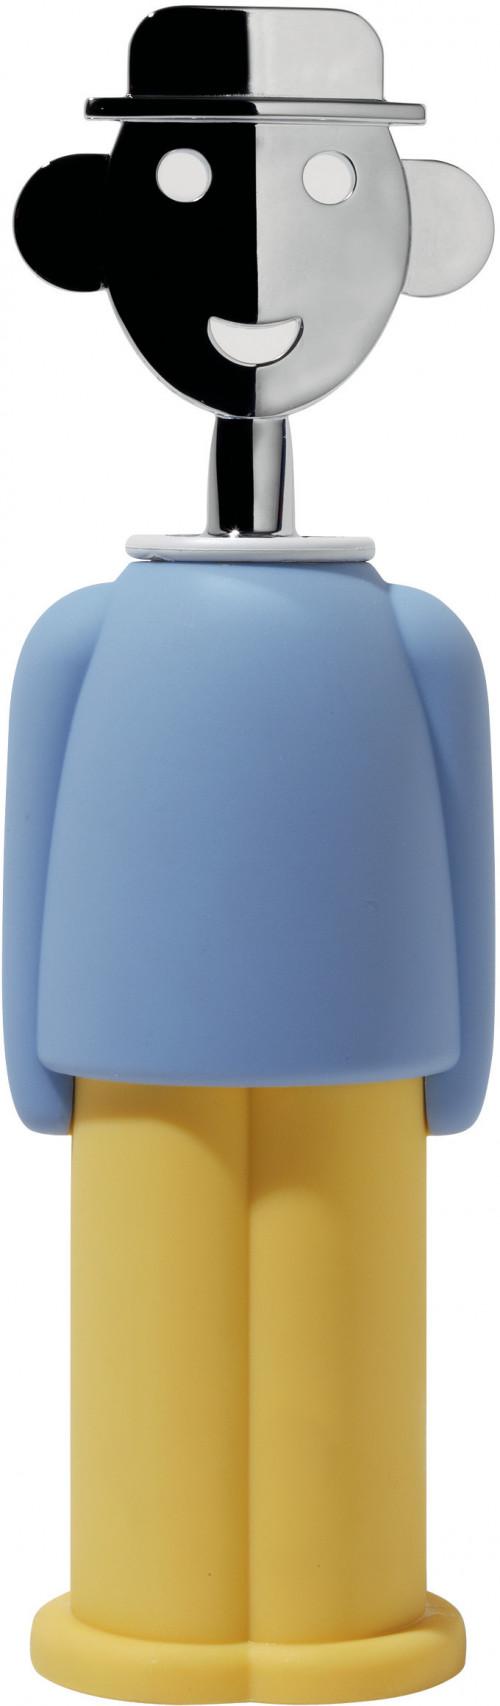 Alessandro.M-cavatappi-Alessi-azzurro-crema